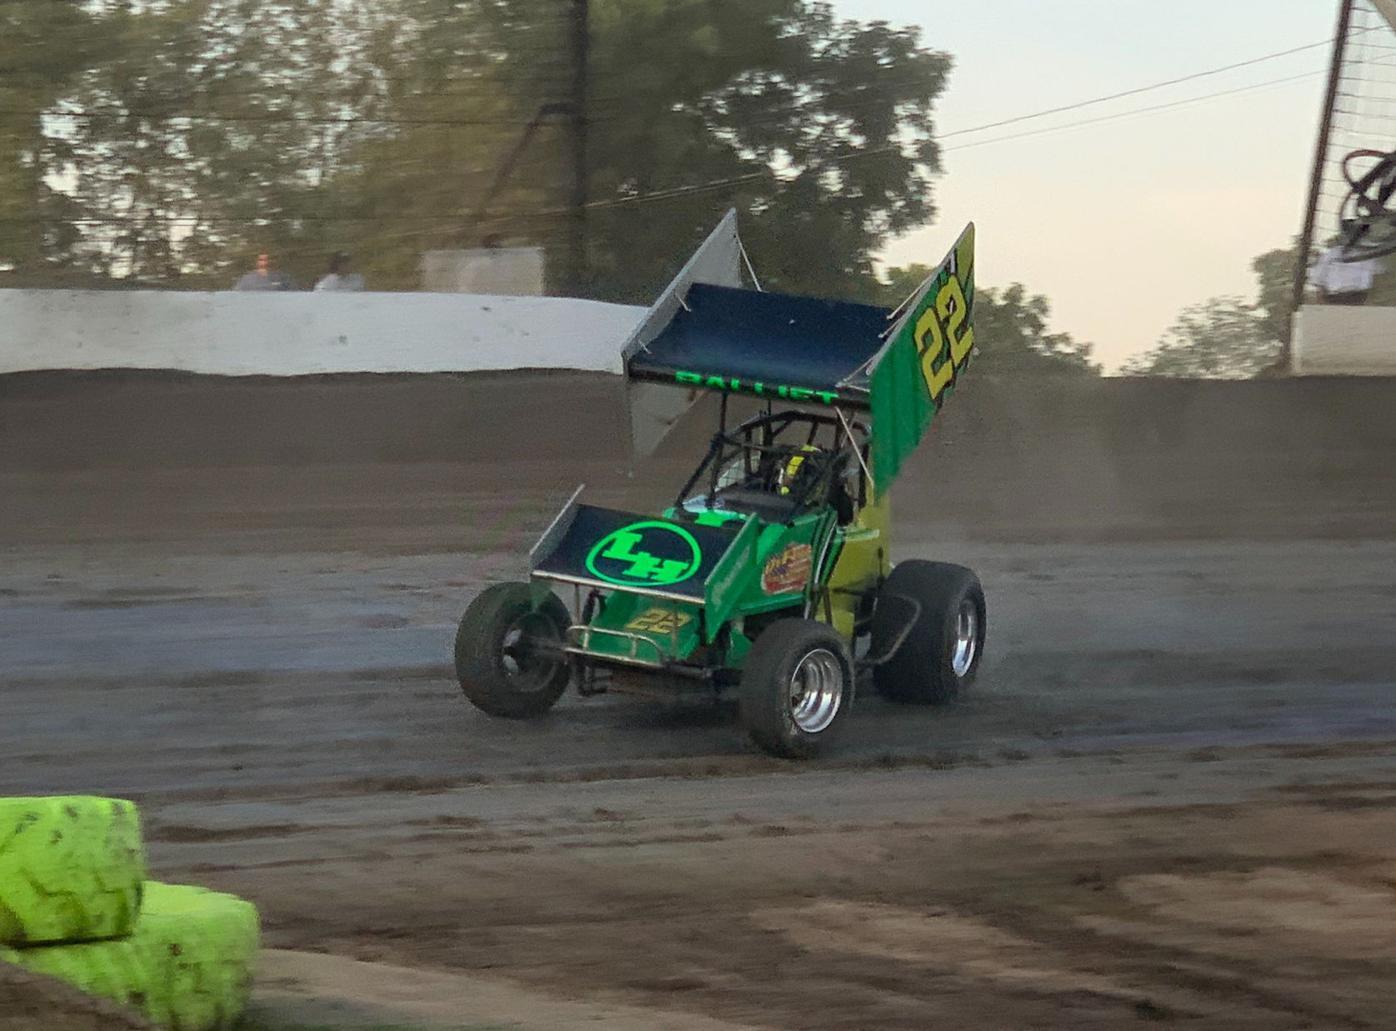 Jacob Balliet finding his way in Sprint Car racing